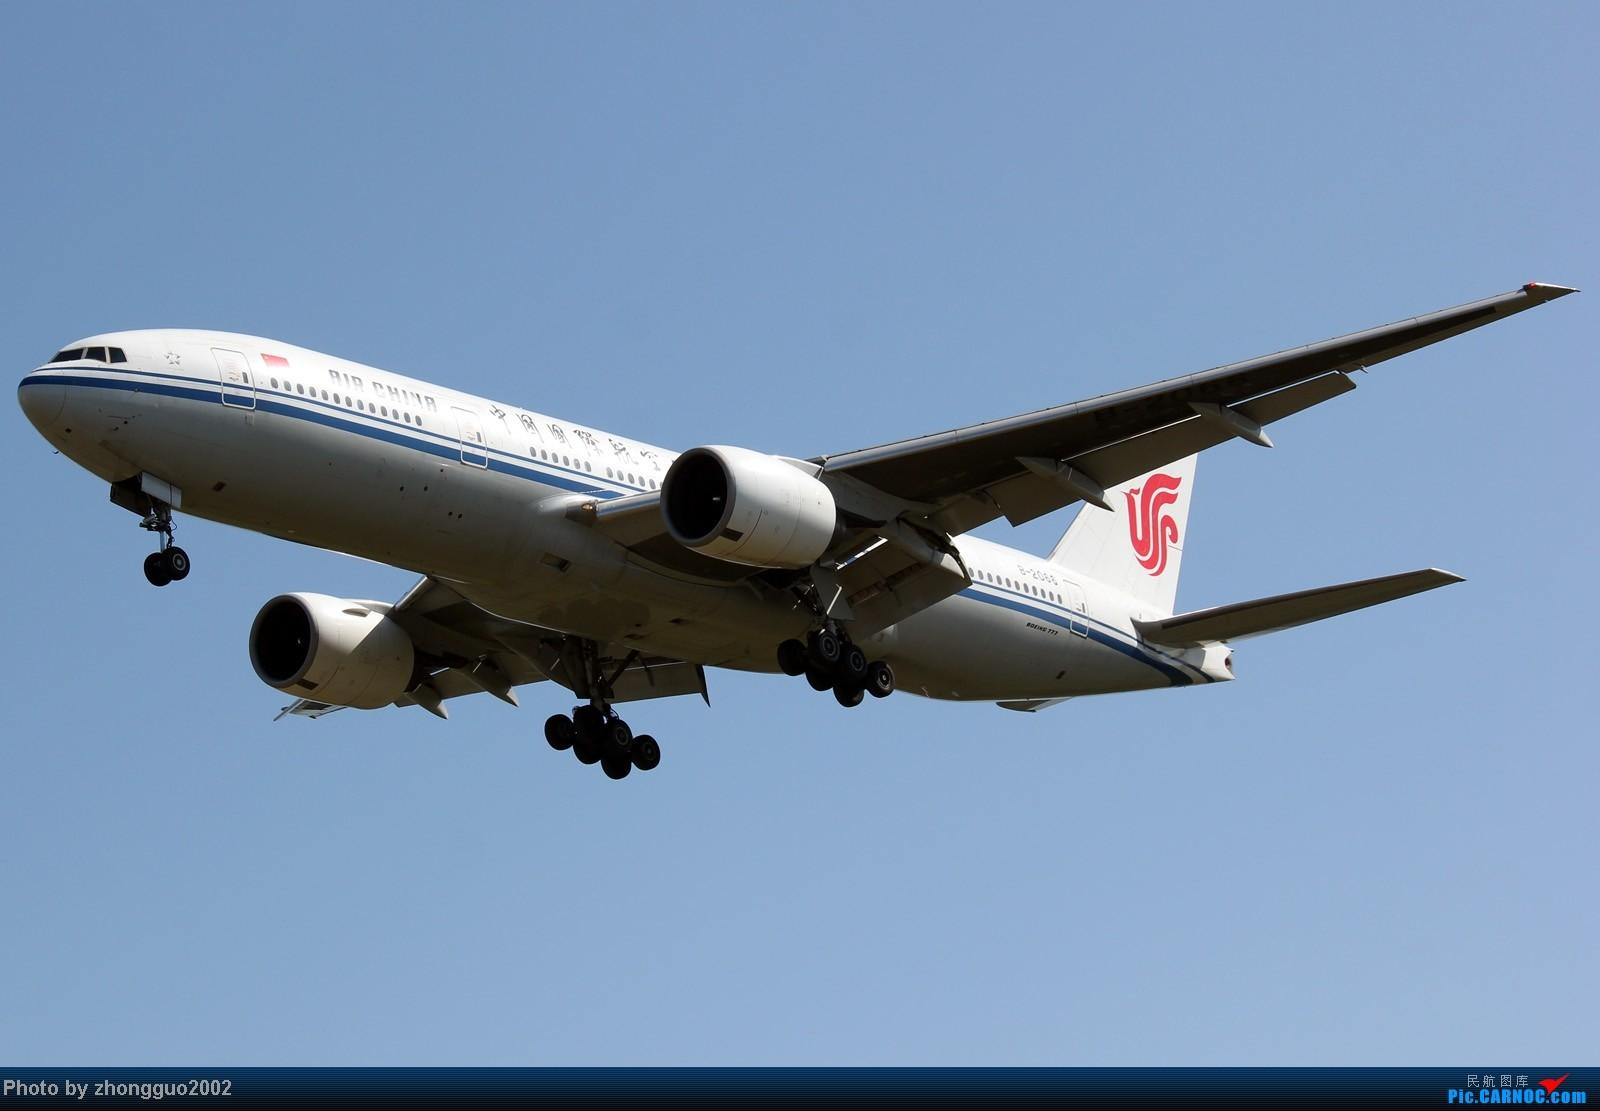 Re:[原创]东航的新邮戳321,世博彩绘机,南航、瑞丽、河北、深圳航空的新飞机,香港航空、长荣航空、远东、韩国济州航空的飞机,国航772,大大小小一堆飞机!!!! BOEING 777-200 B-2068 中国呼和浩特白塔机场